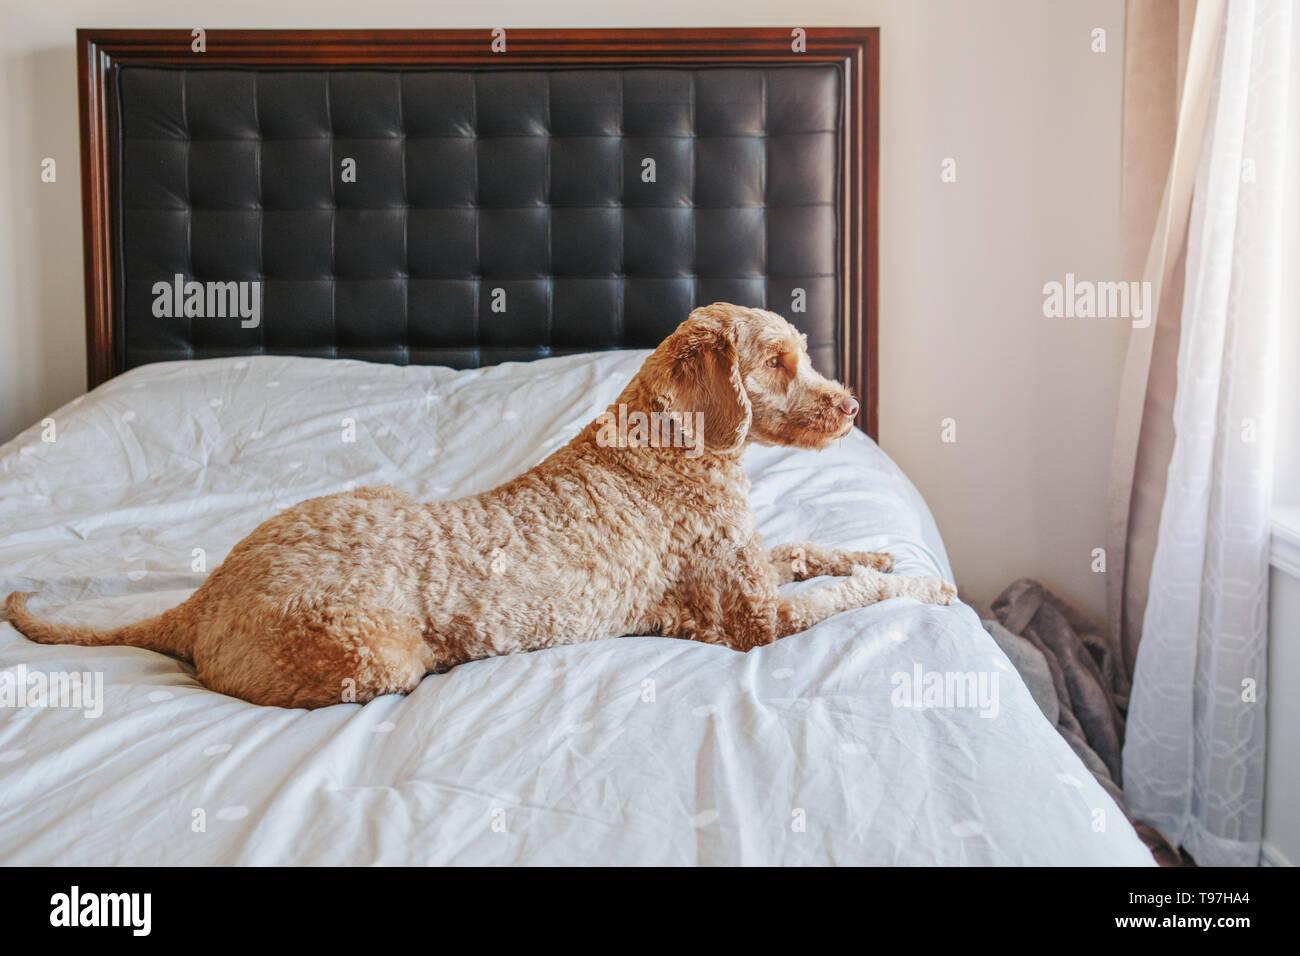 Cute adorable schamlose Rothaarige Hund auf sauberen Bett im ...